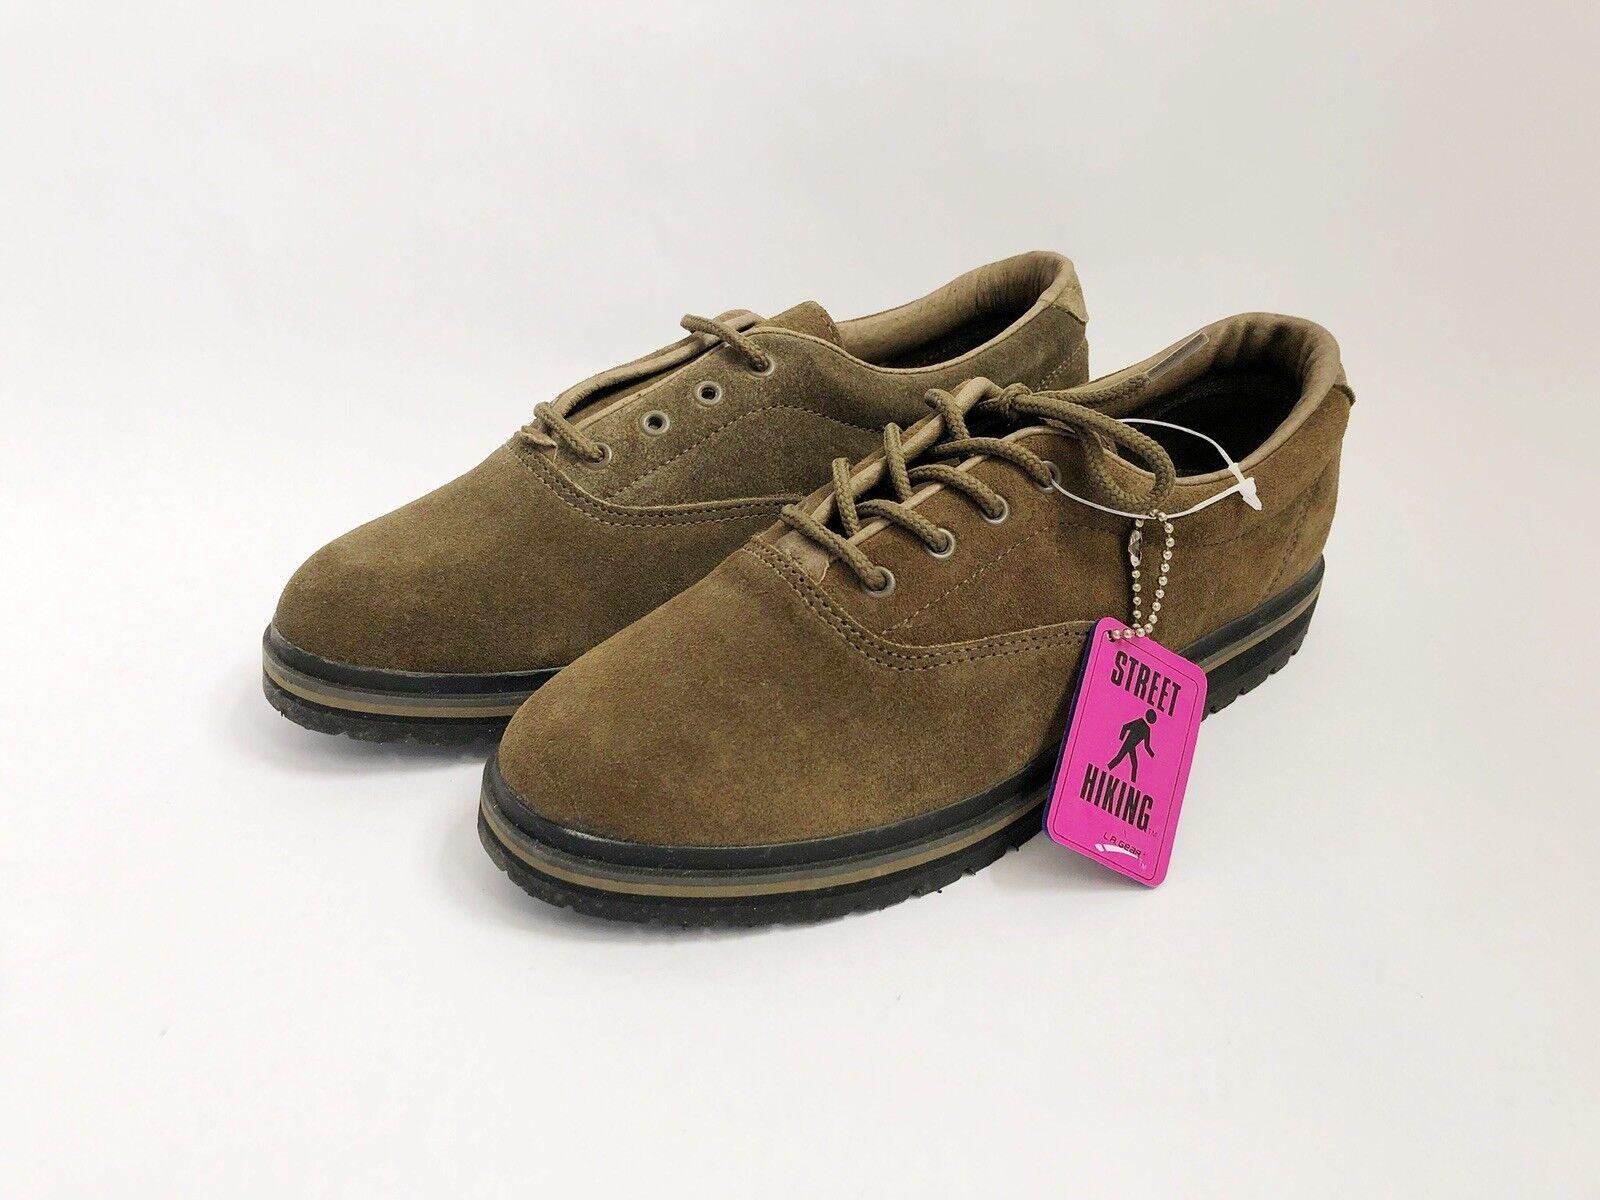 Vintage LA Gear City Heights II Low Sneakers shoes Womens Size 7 NIB 90s